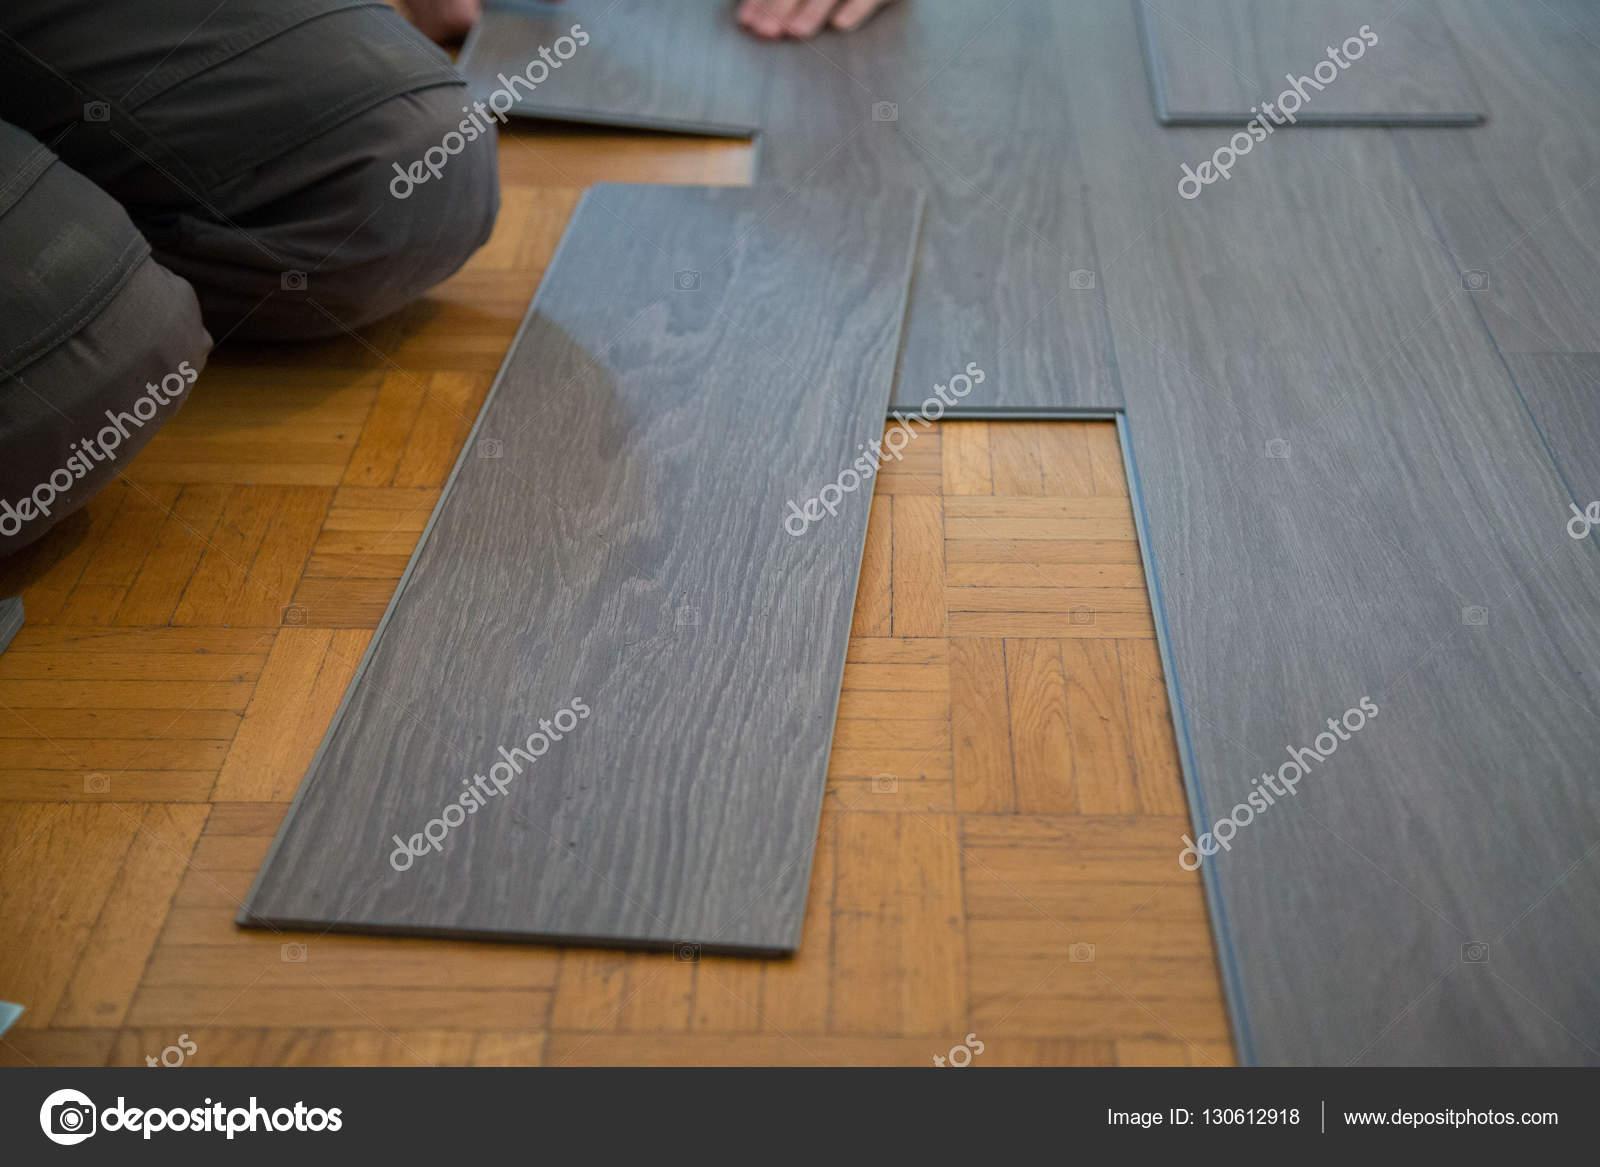 Vinyl vloer op parketvloer leggen u stockfoto munich